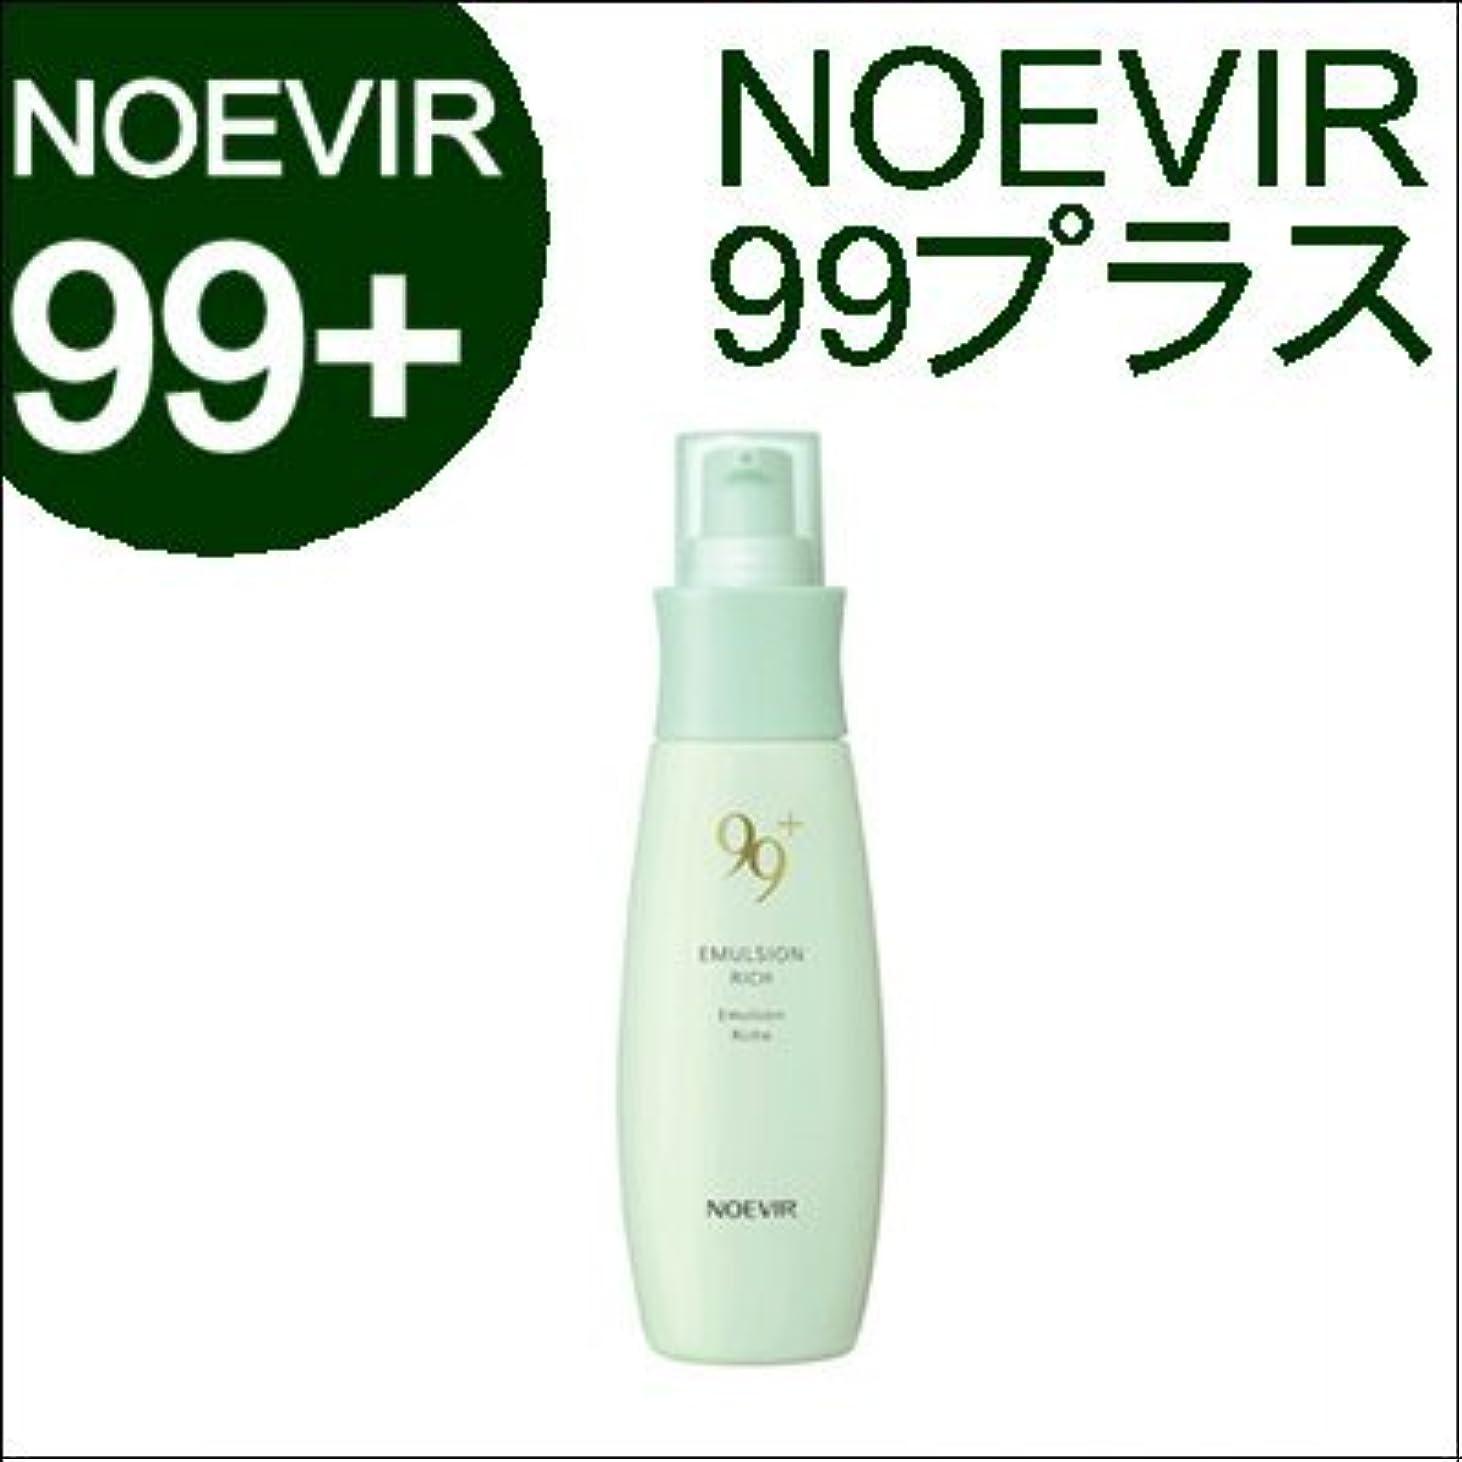 規定気まぐれな減衰ノエビア 99プラス ミルクローション(リッチ) 110g [並行輸入品]